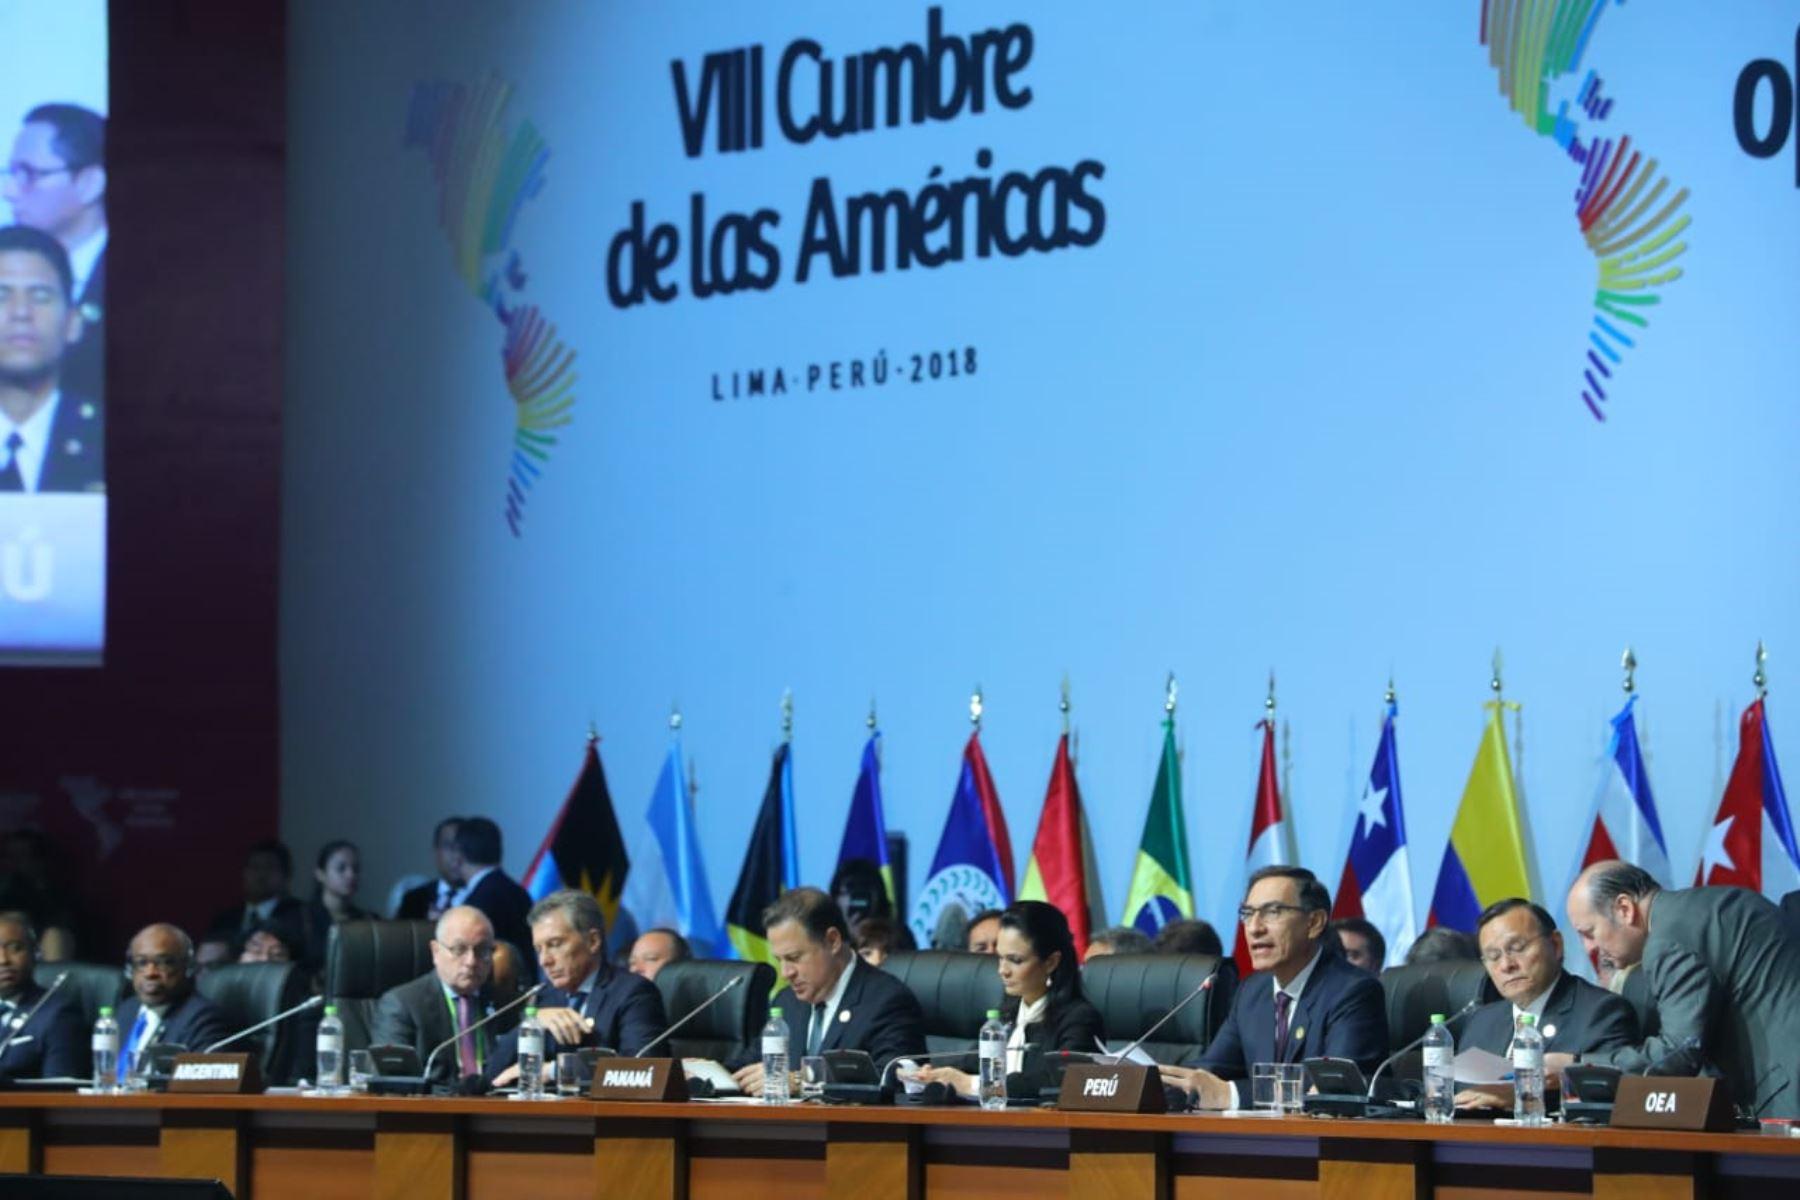 Presidente Martín Vizcarra participa en  la sesión plenaria de la VIII Cumbre de las Américas en Lima. Foto: ANDINA/Prensa Presidencia